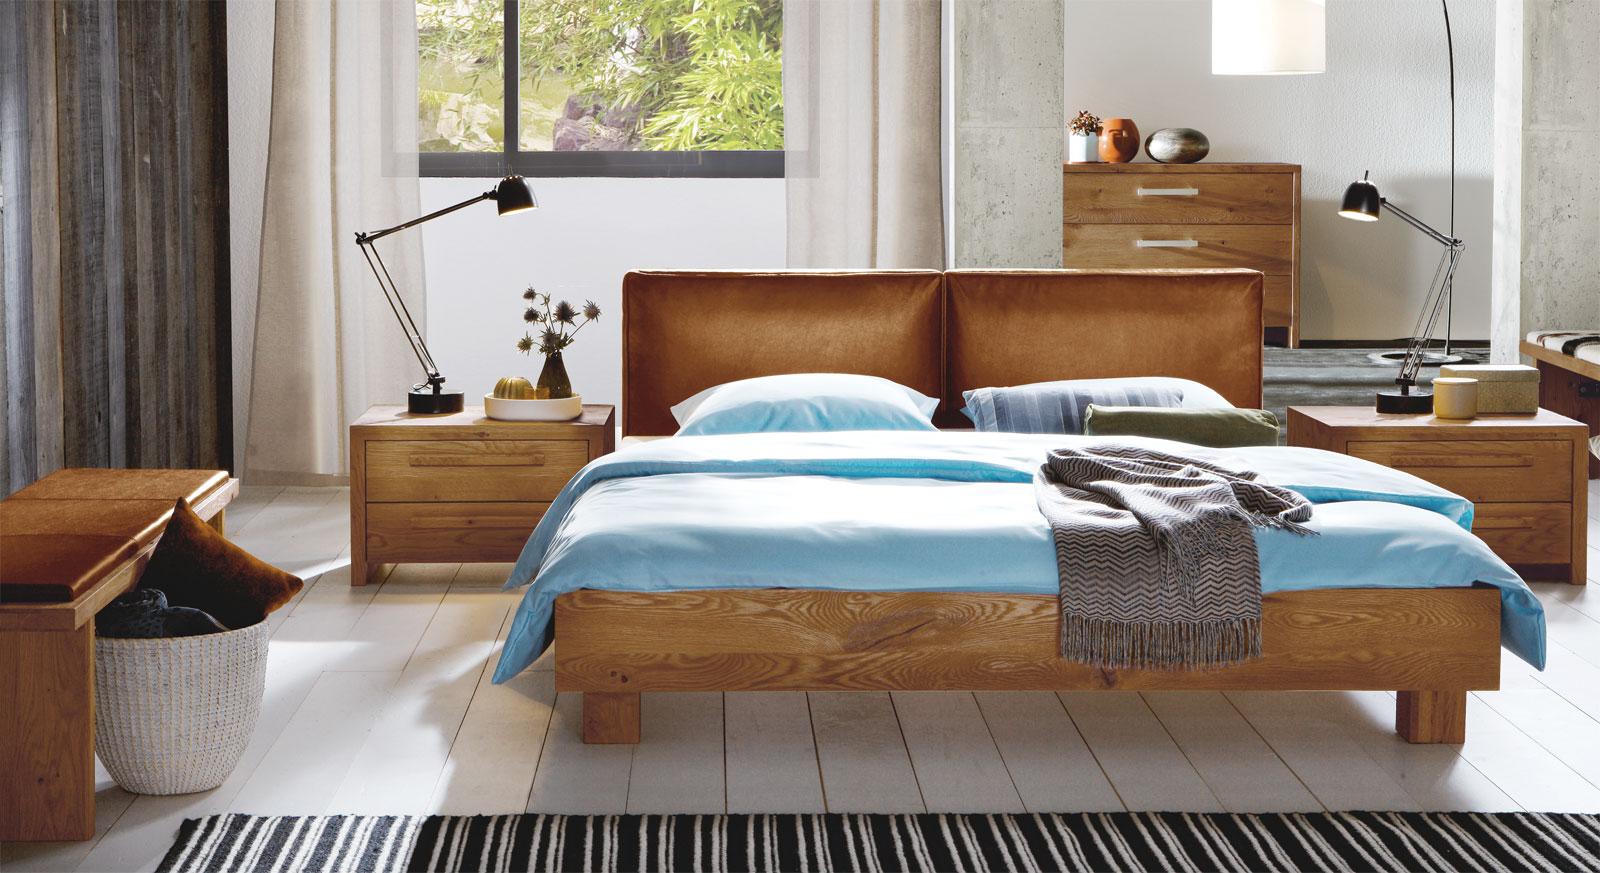 Full Size of Schlafzimmer Bett 140x200 160x200 Holz Massiv Betten Weiß Outlet Schranksysteme Bei Ikea Massivholz Romantische Vorhänge Wandtattoo Wohnwert Billige Schlafzimmer Schlafzimmer Betten